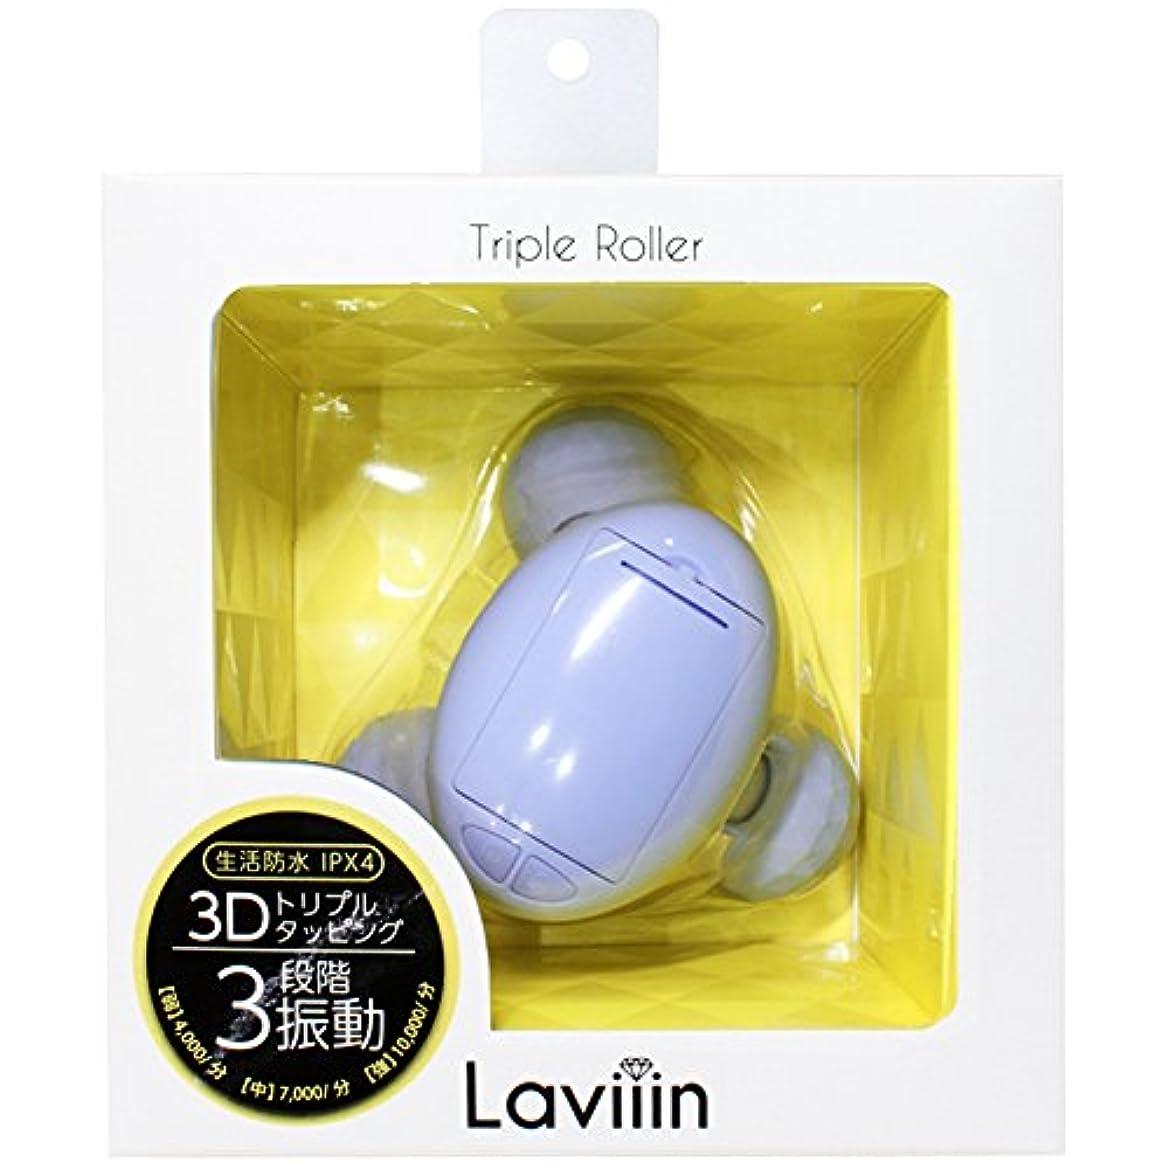 スペクトラムマウント塊Laviiin トリプルローラー TR03 (ミルキーラベンダー)